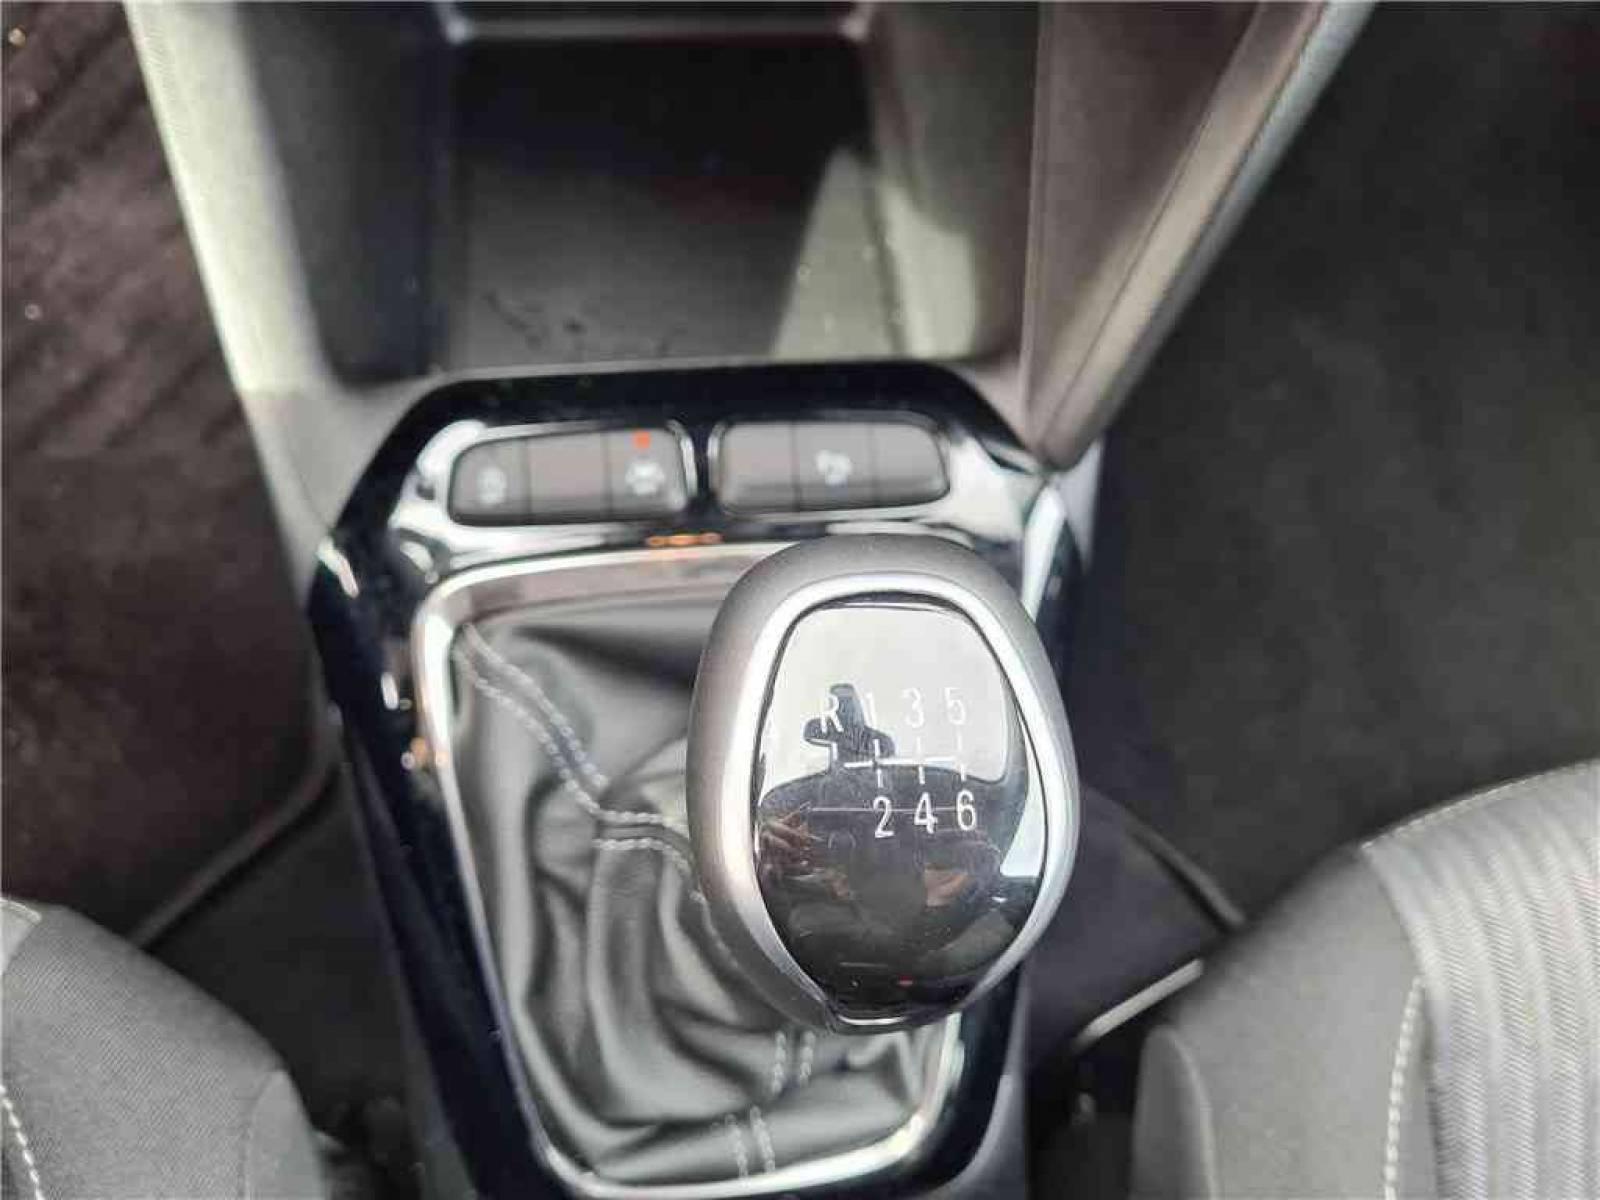 OPEL Corsa 1.5 Diesel 100 ch BVM6 - véhicule d'occasion - Groupe Guillet - Opel Magicauto - Chalon-sur-Saône - 71380 - Saint-Marcel - 46